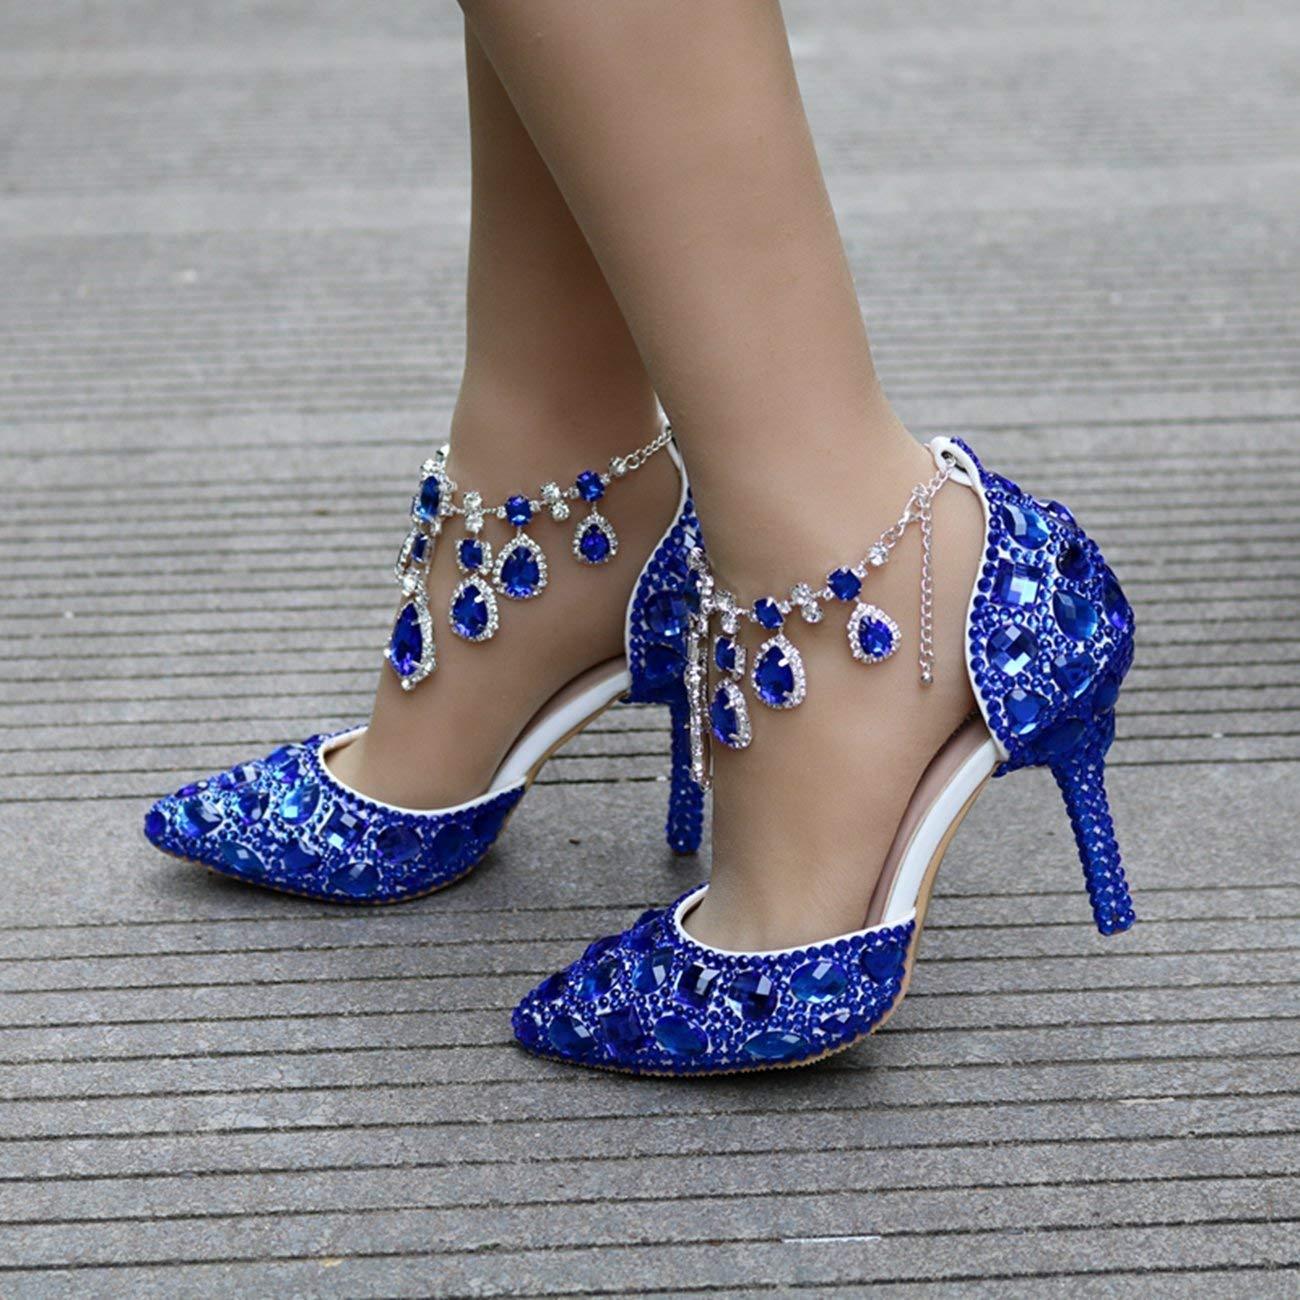 Qiusa Damen Strass Kristalle Perlen Knöchel Ketten blau blau blau Braut Hochzeit Schuhe UK 3 (Farbe   - Größe   -) ef3a68